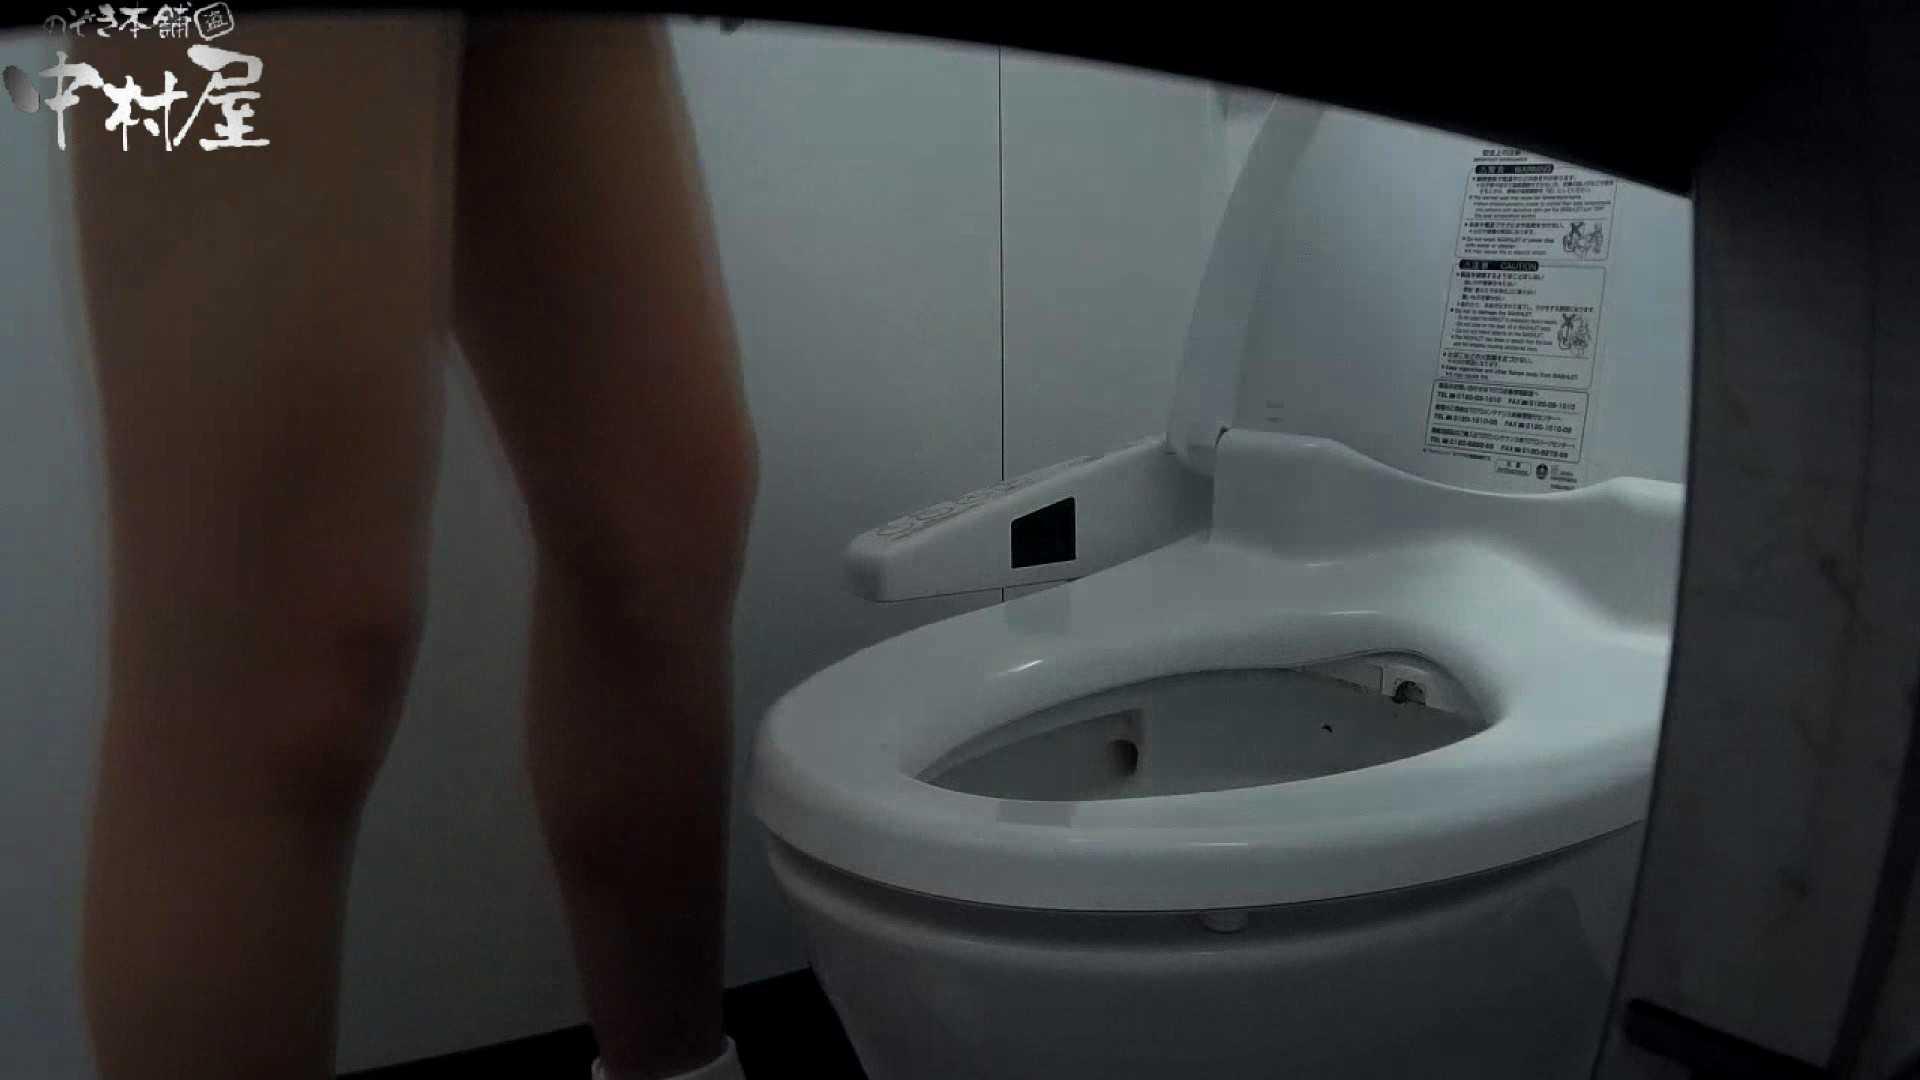 【某有名大学女性洗面所】有名大学女性洗面所 vol.35 安定の2カメ 最近の女性は保守的な下着が多め? 投稿  47連発 12